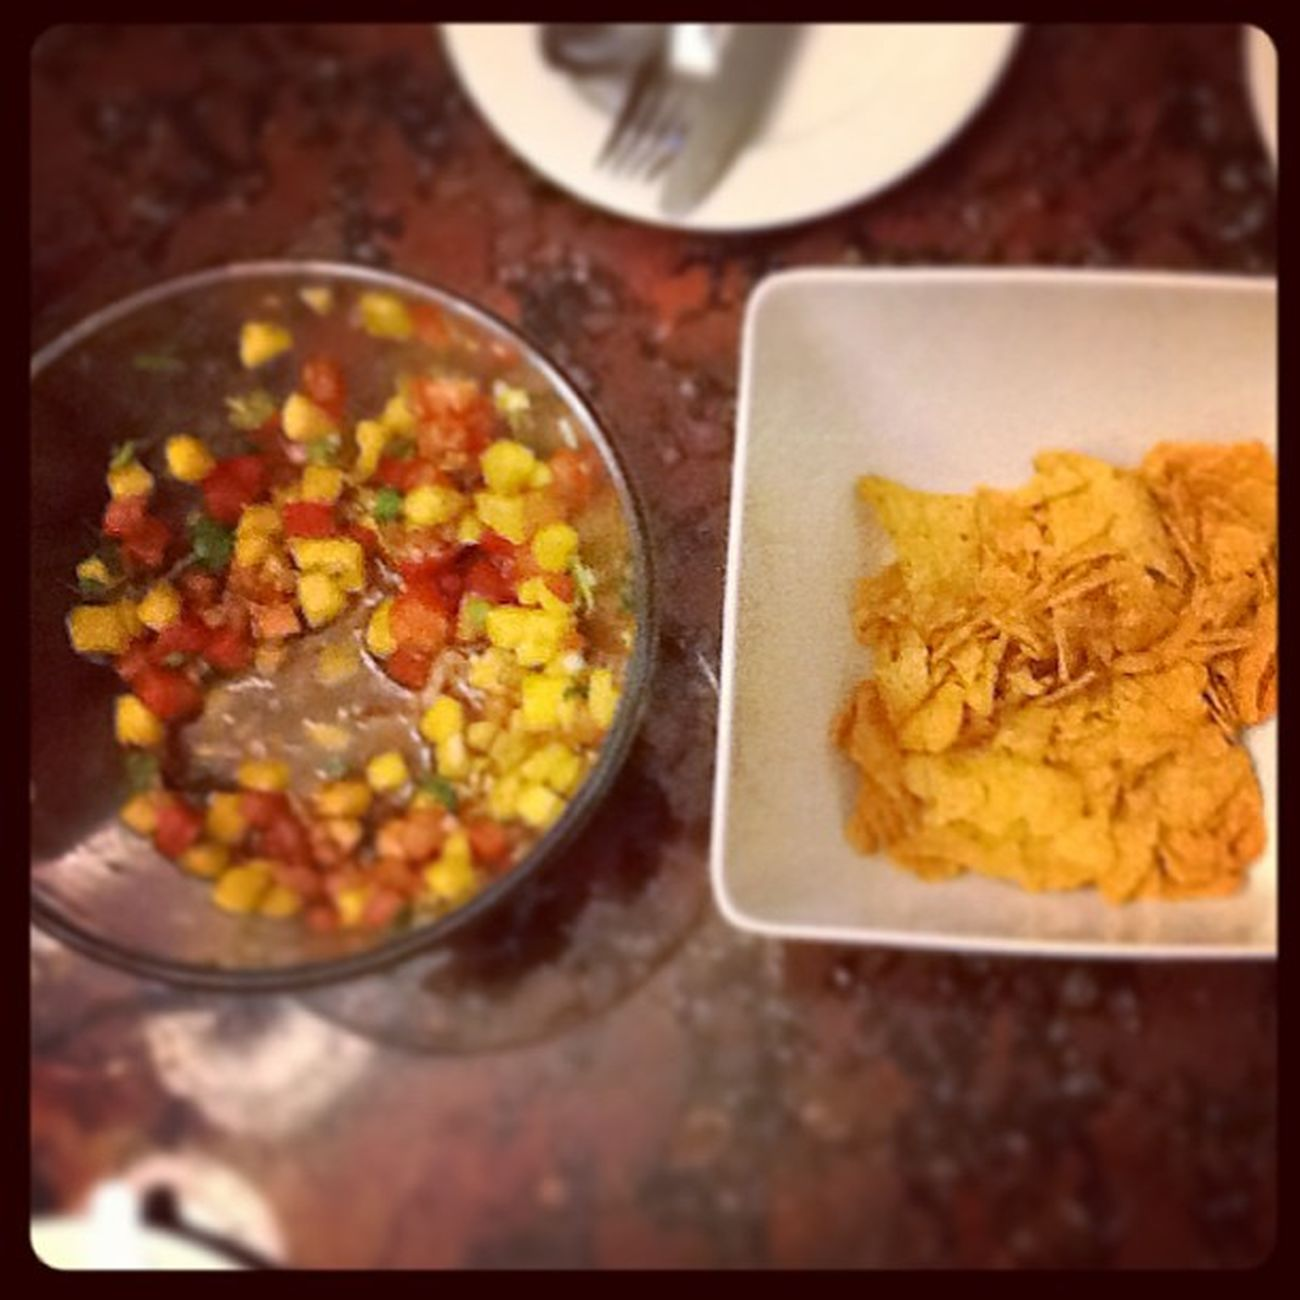 Nachos+สลัดผลไม้ บ่องตงอร่อยและกินเพลินมาก ของกิน สุดอร่อย วันเกิด น้องปร้าน บ้านอานกพี่จ๋าอร่อยมากกกก